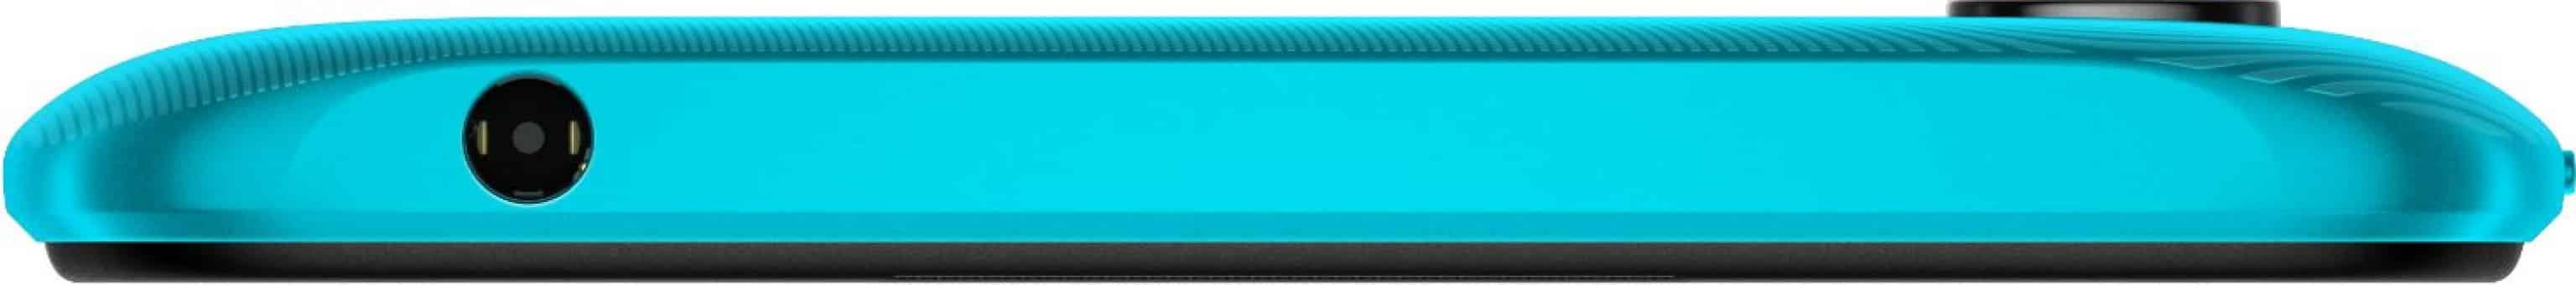 Uygun fiyatlı Redmi 9, Redmi 9A ve Redmi 9C modelleri tanıtıldı